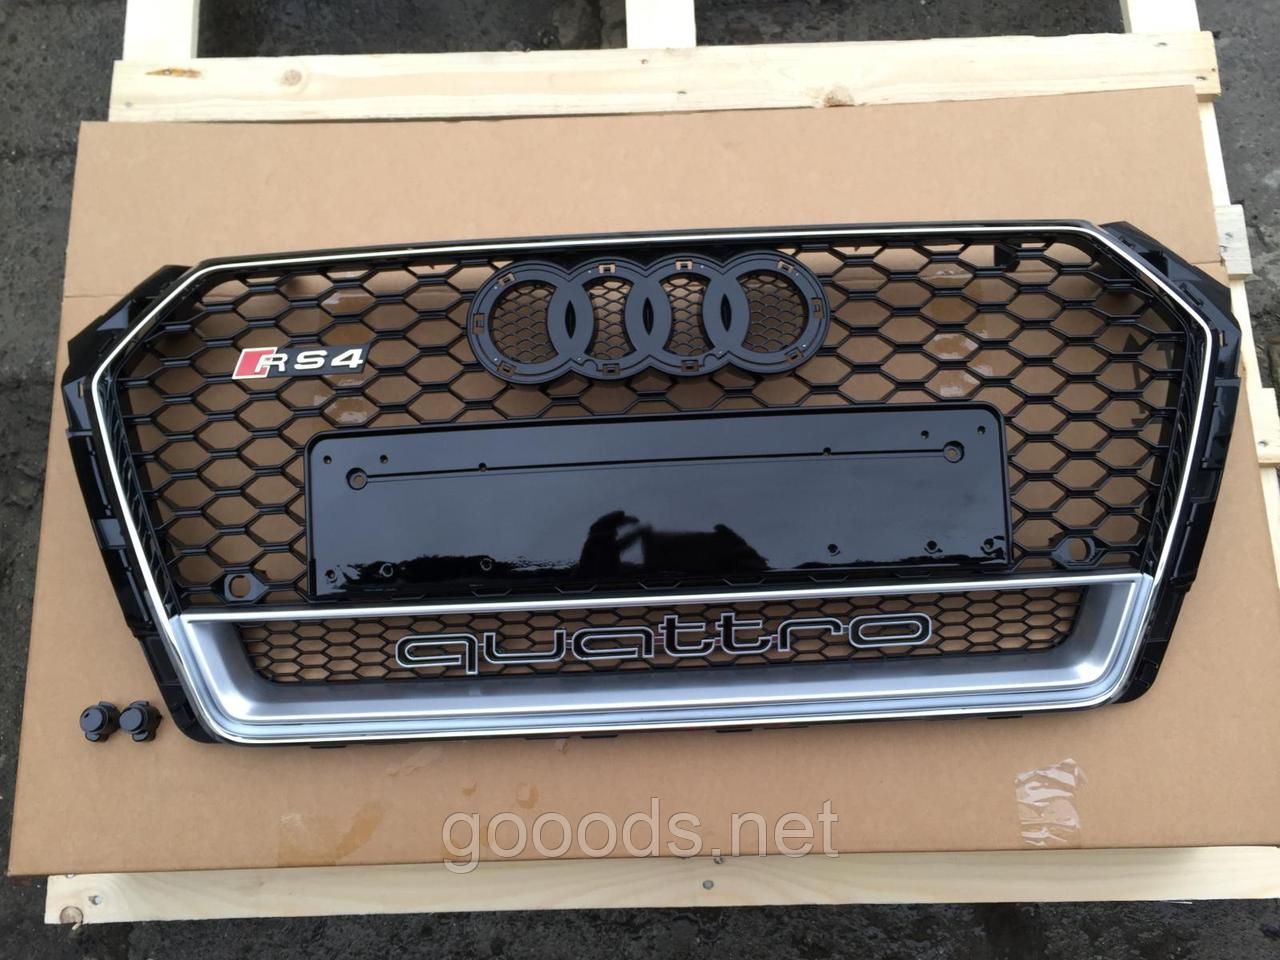 Решетка радиатора RS4 для Audi A4 2014-